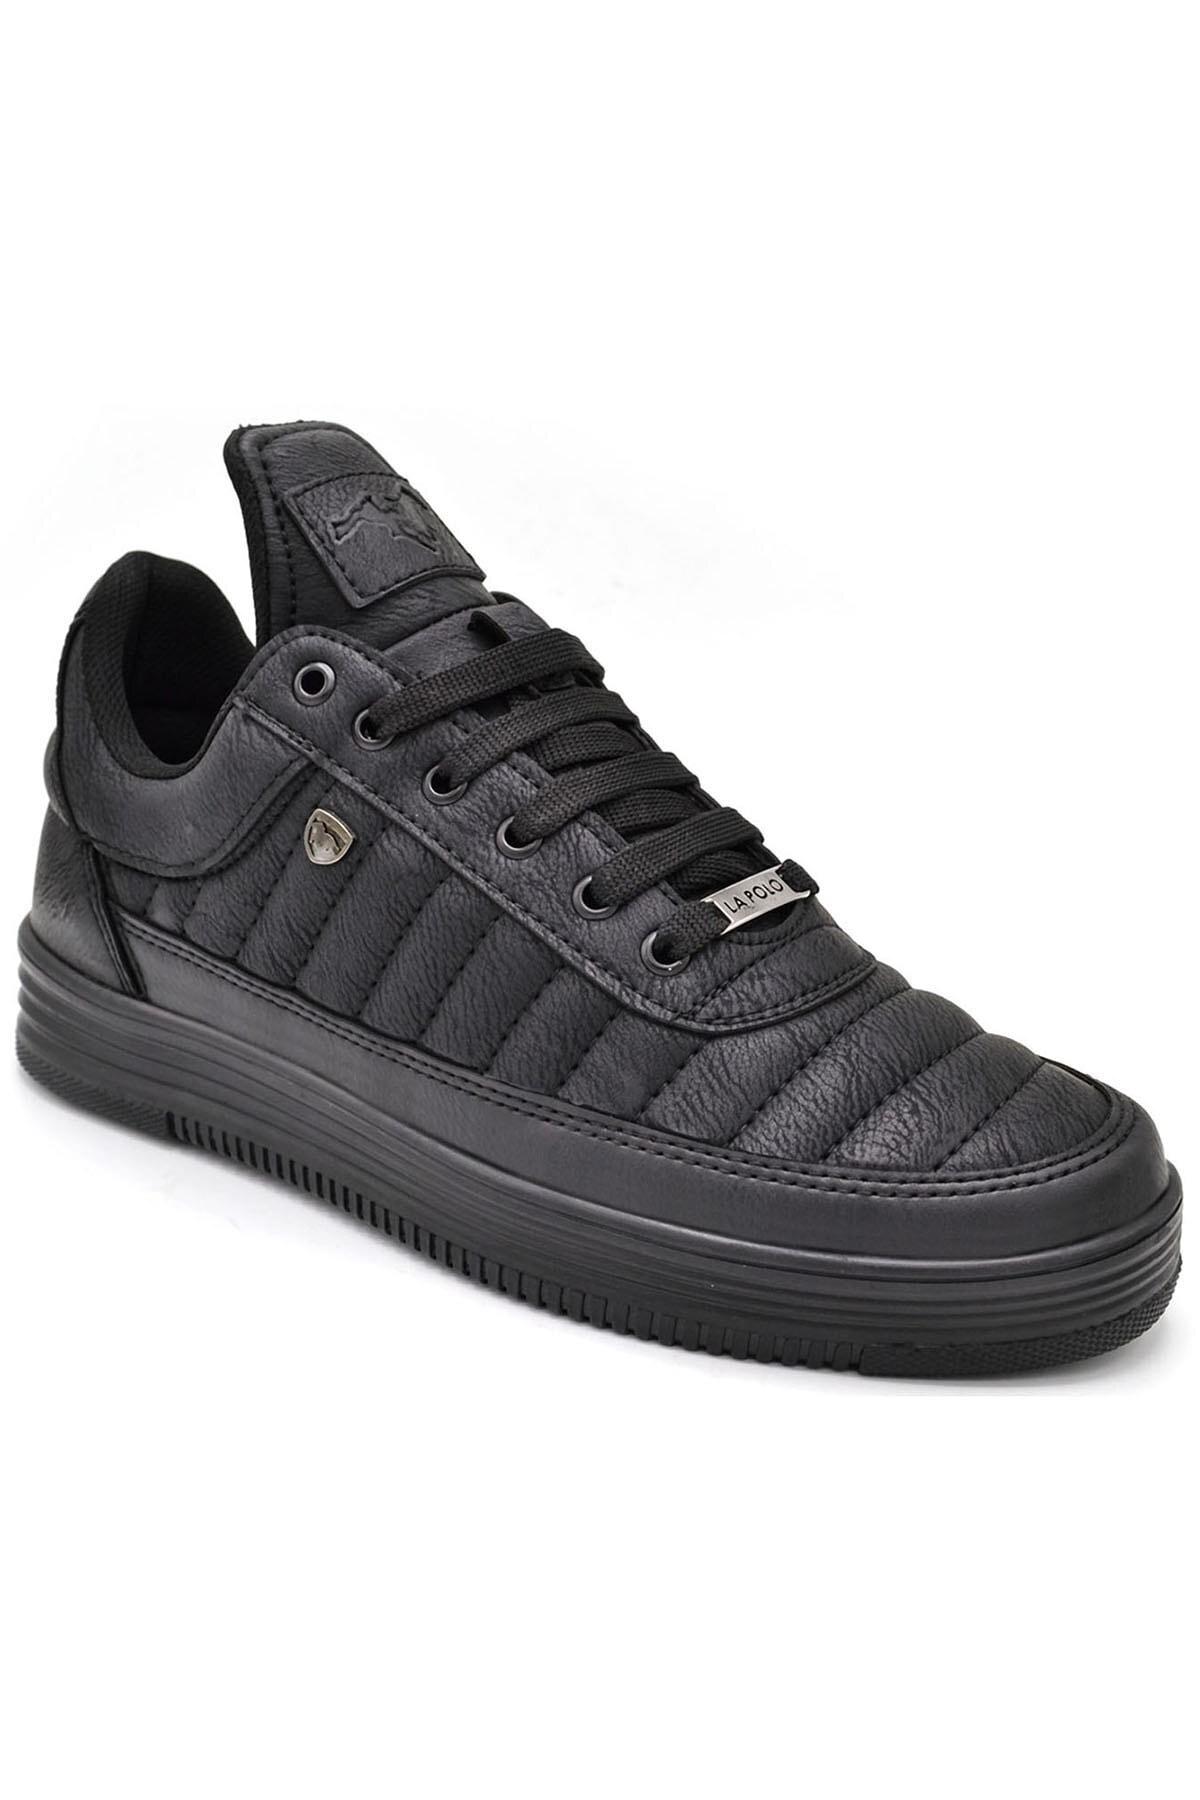 L.A Polo Erkek Siyah Sneaker Spor Ayakkabı 07 1